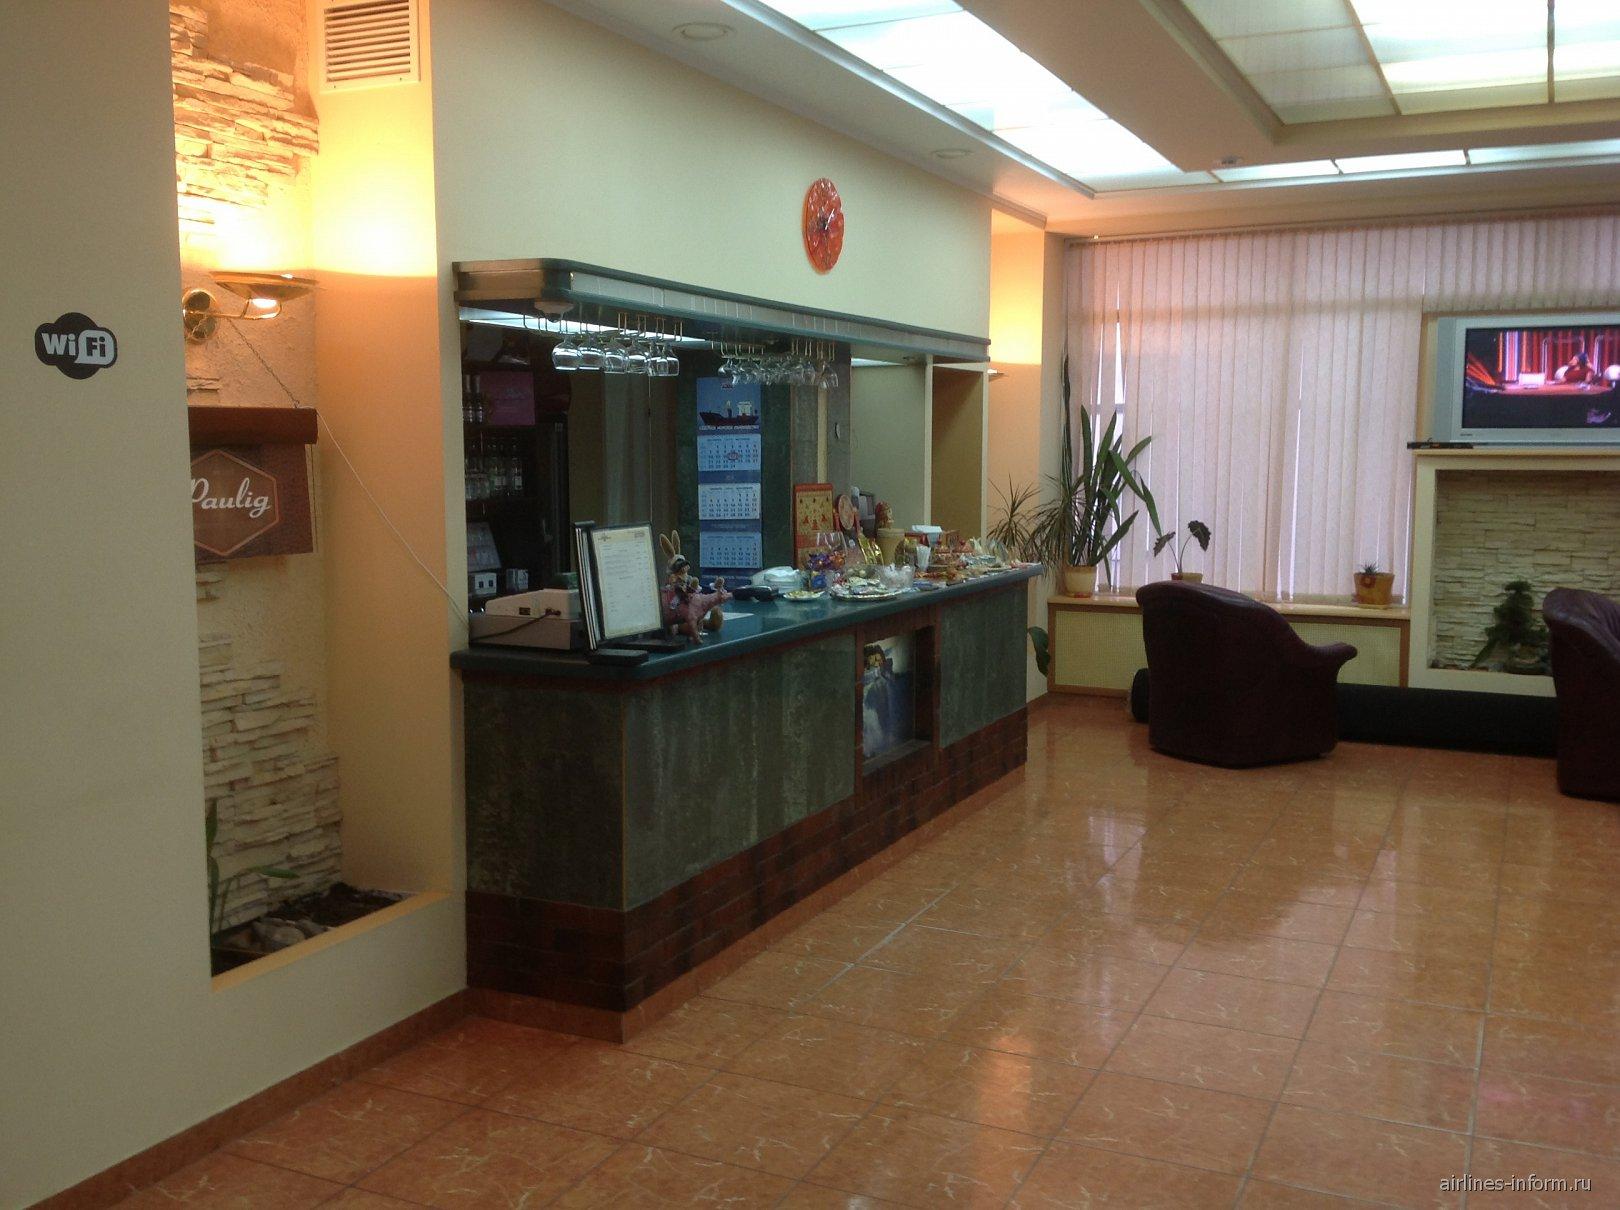 Бизнес-зал аэропорта Архангельск Талаги